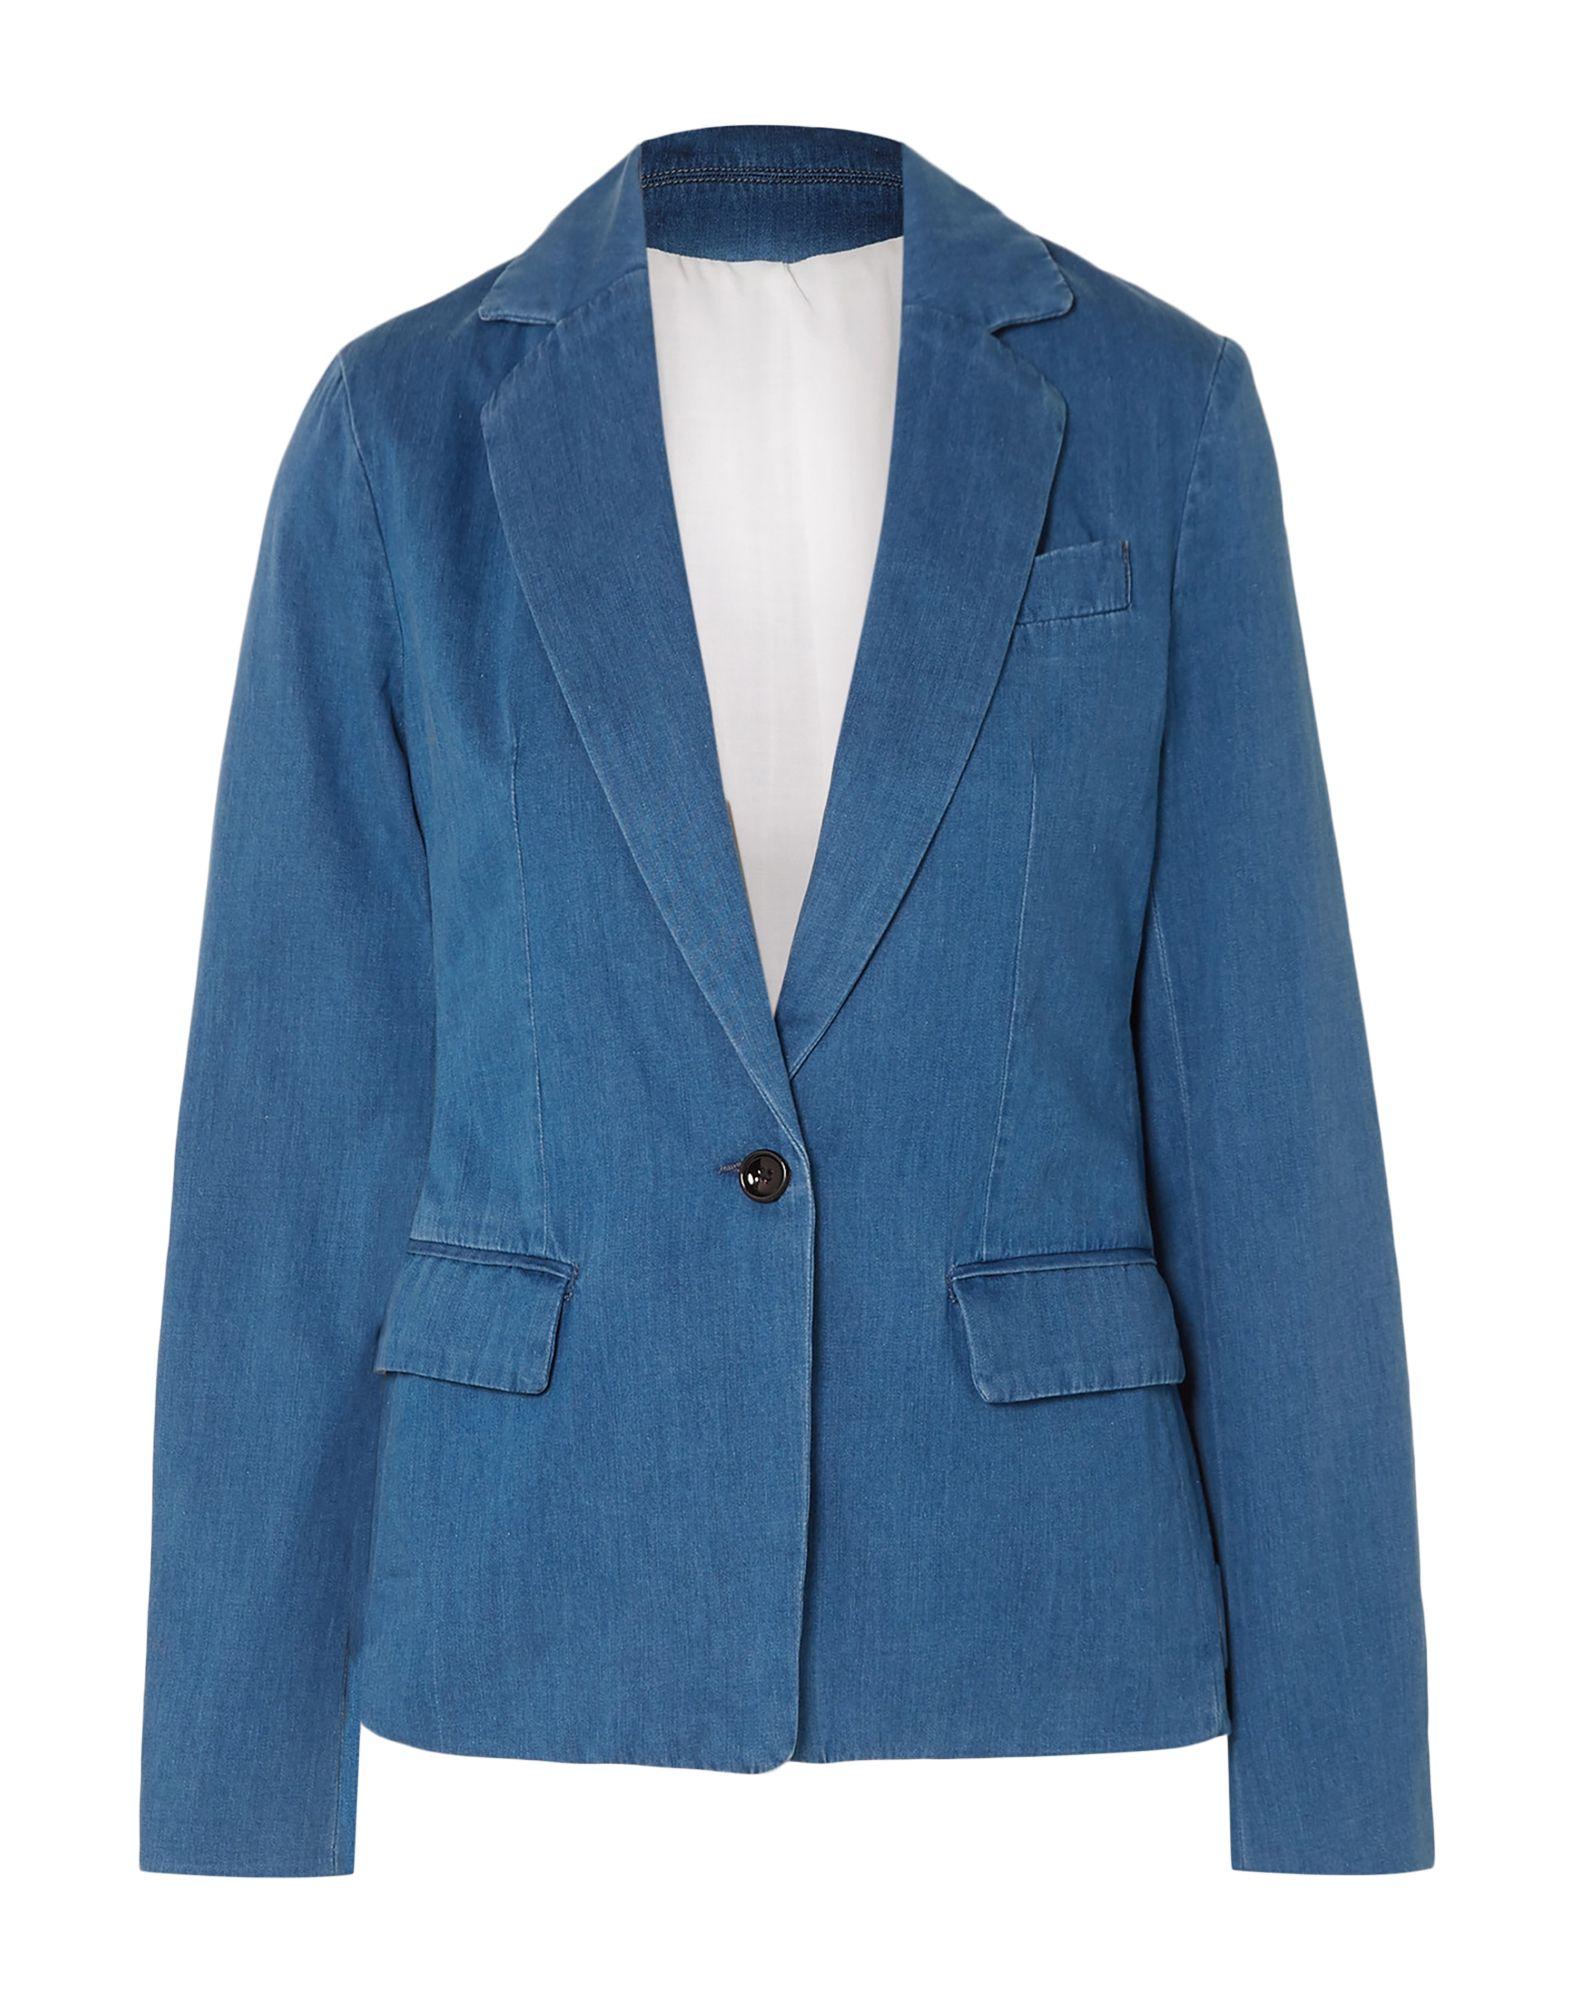 JOSEPH Suit jackets - Item 49597088